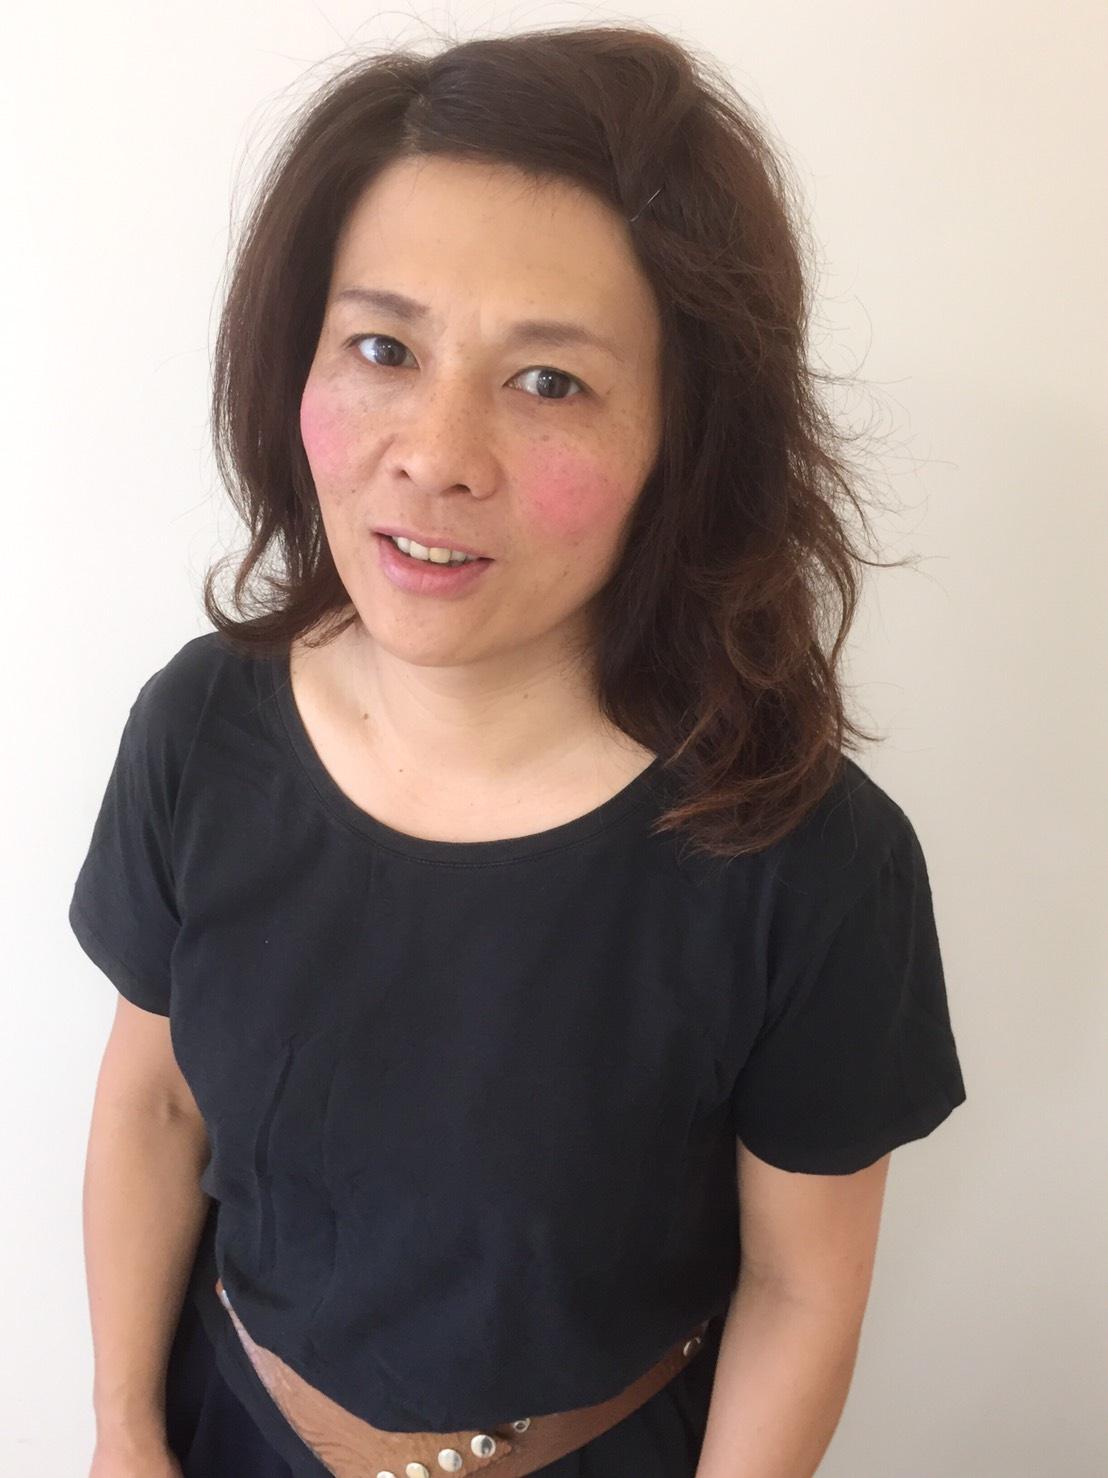 高橋 奈美子(TAKAHASHI)